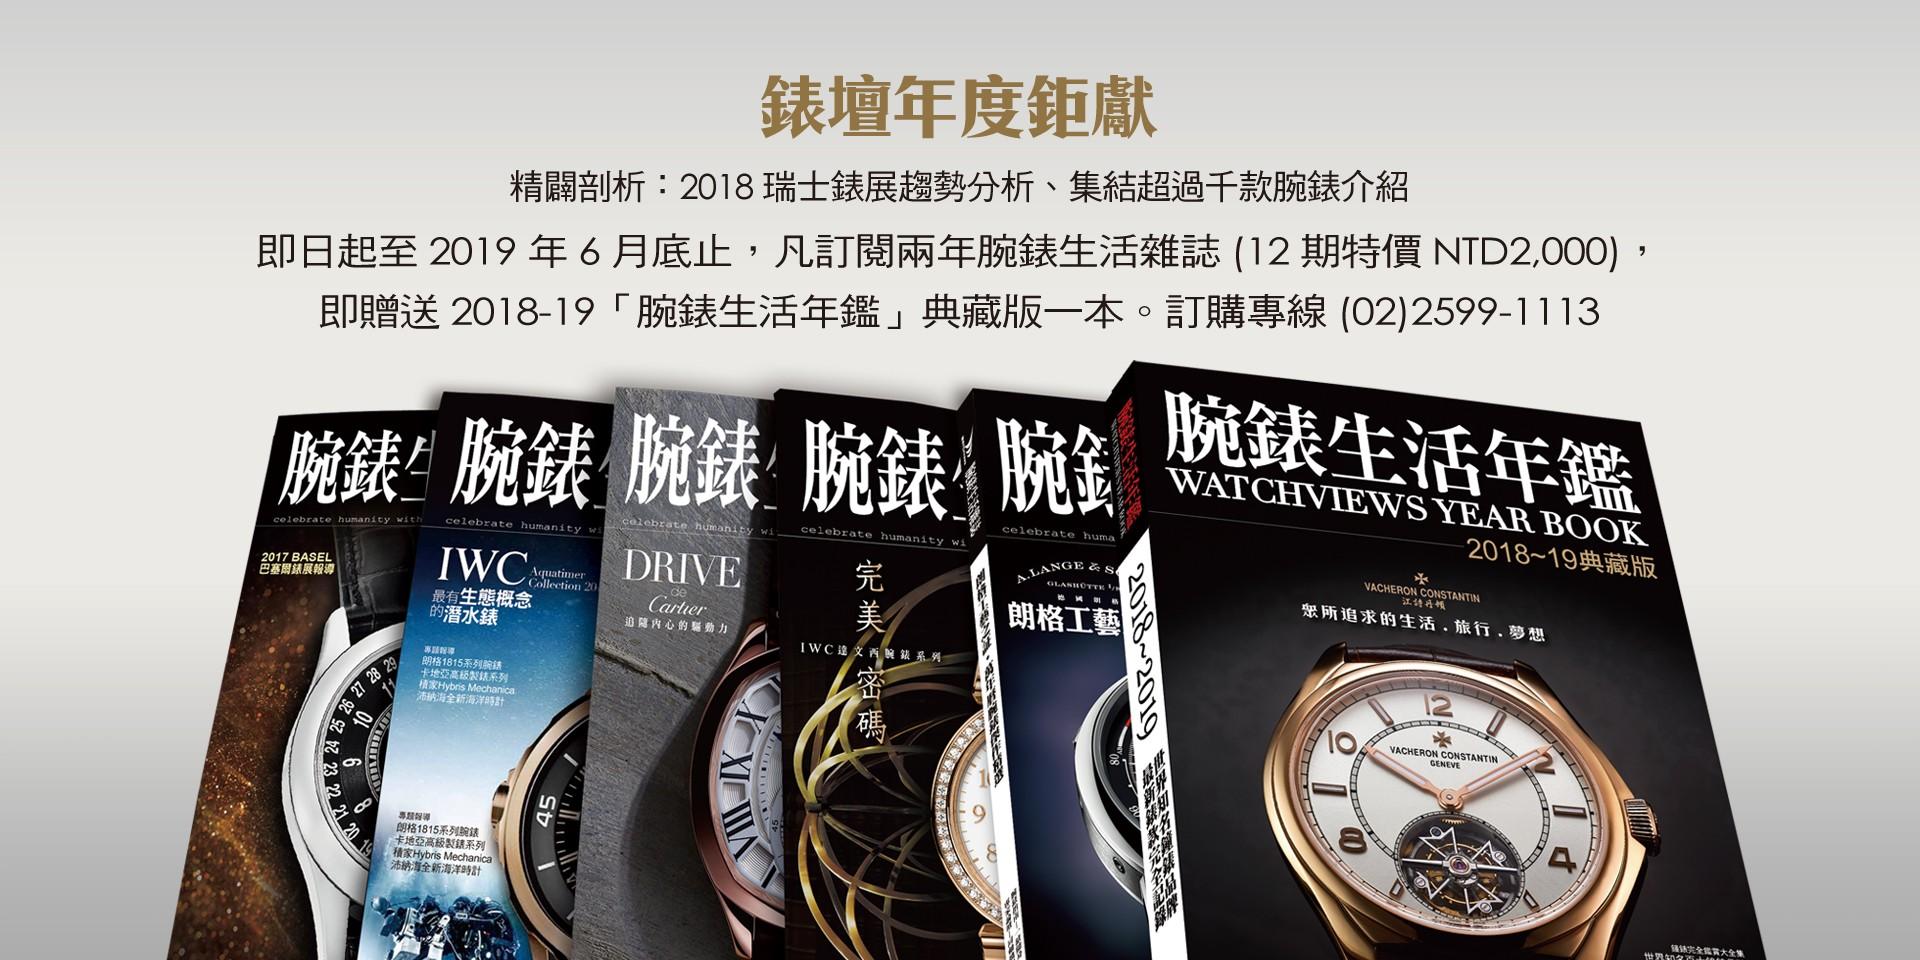 深度體現鐘錶魅力,歡迎訂閱腕錶生活雜誌